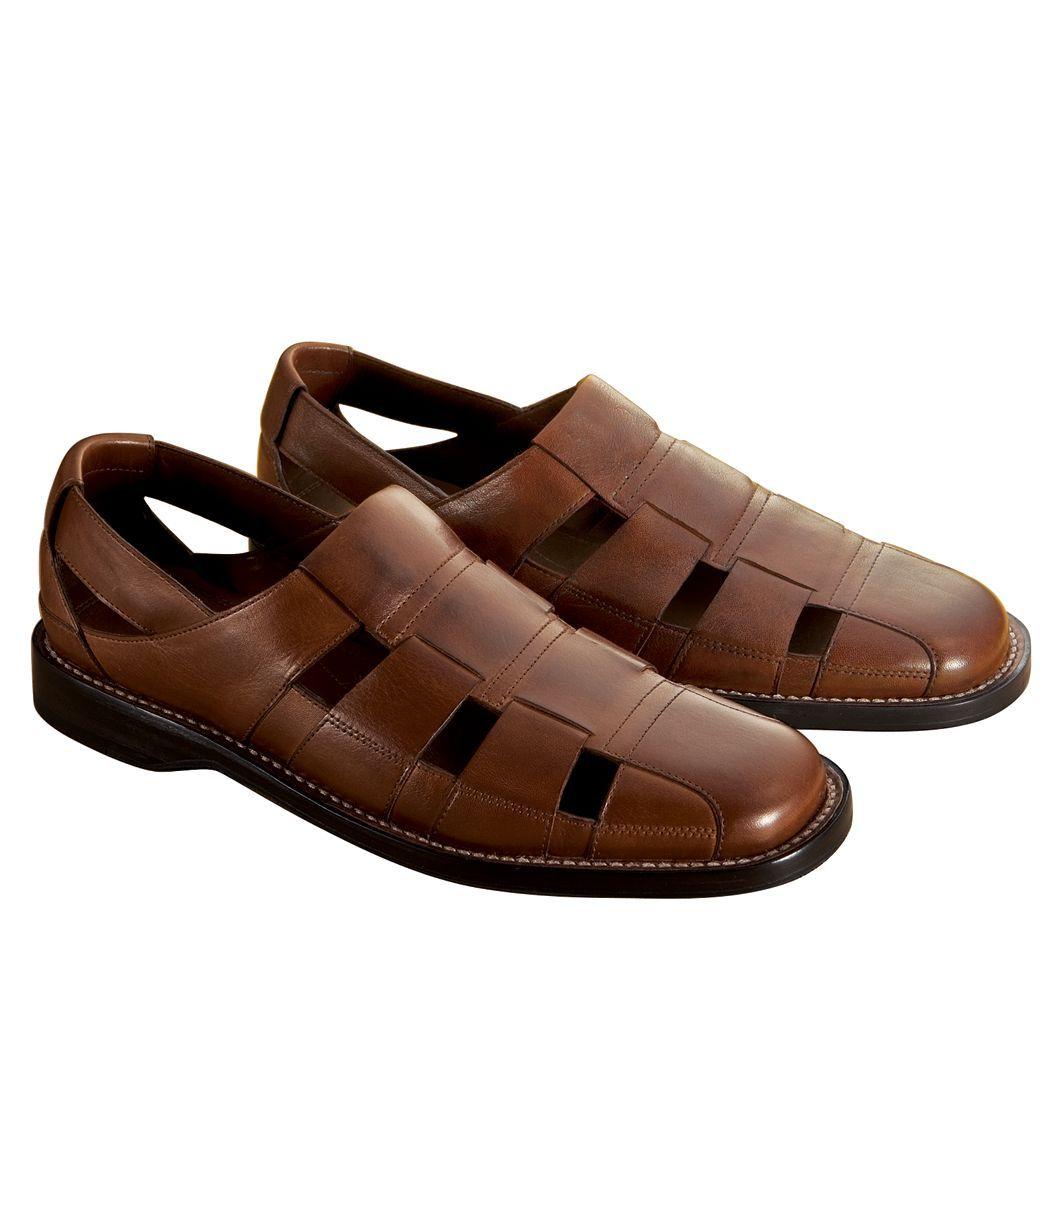 frye shoes men s sandals